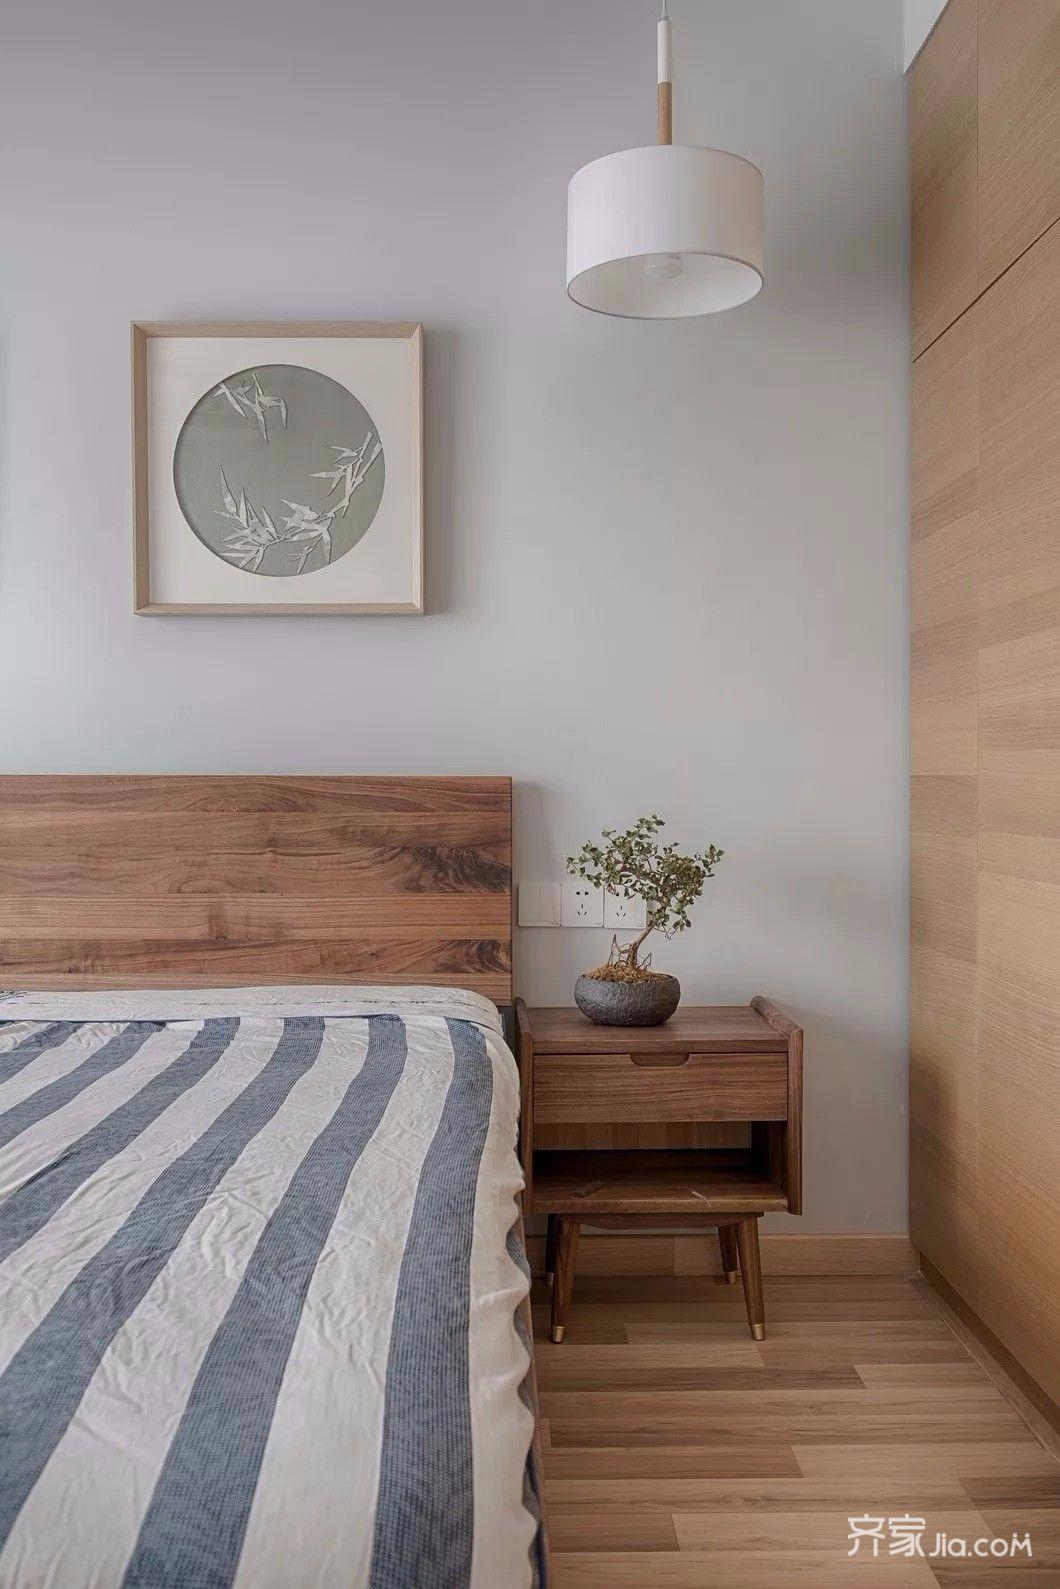 主卧的装饰更偏向舒适简单,衣柜为现场定制,家居产品全部选用原木风格